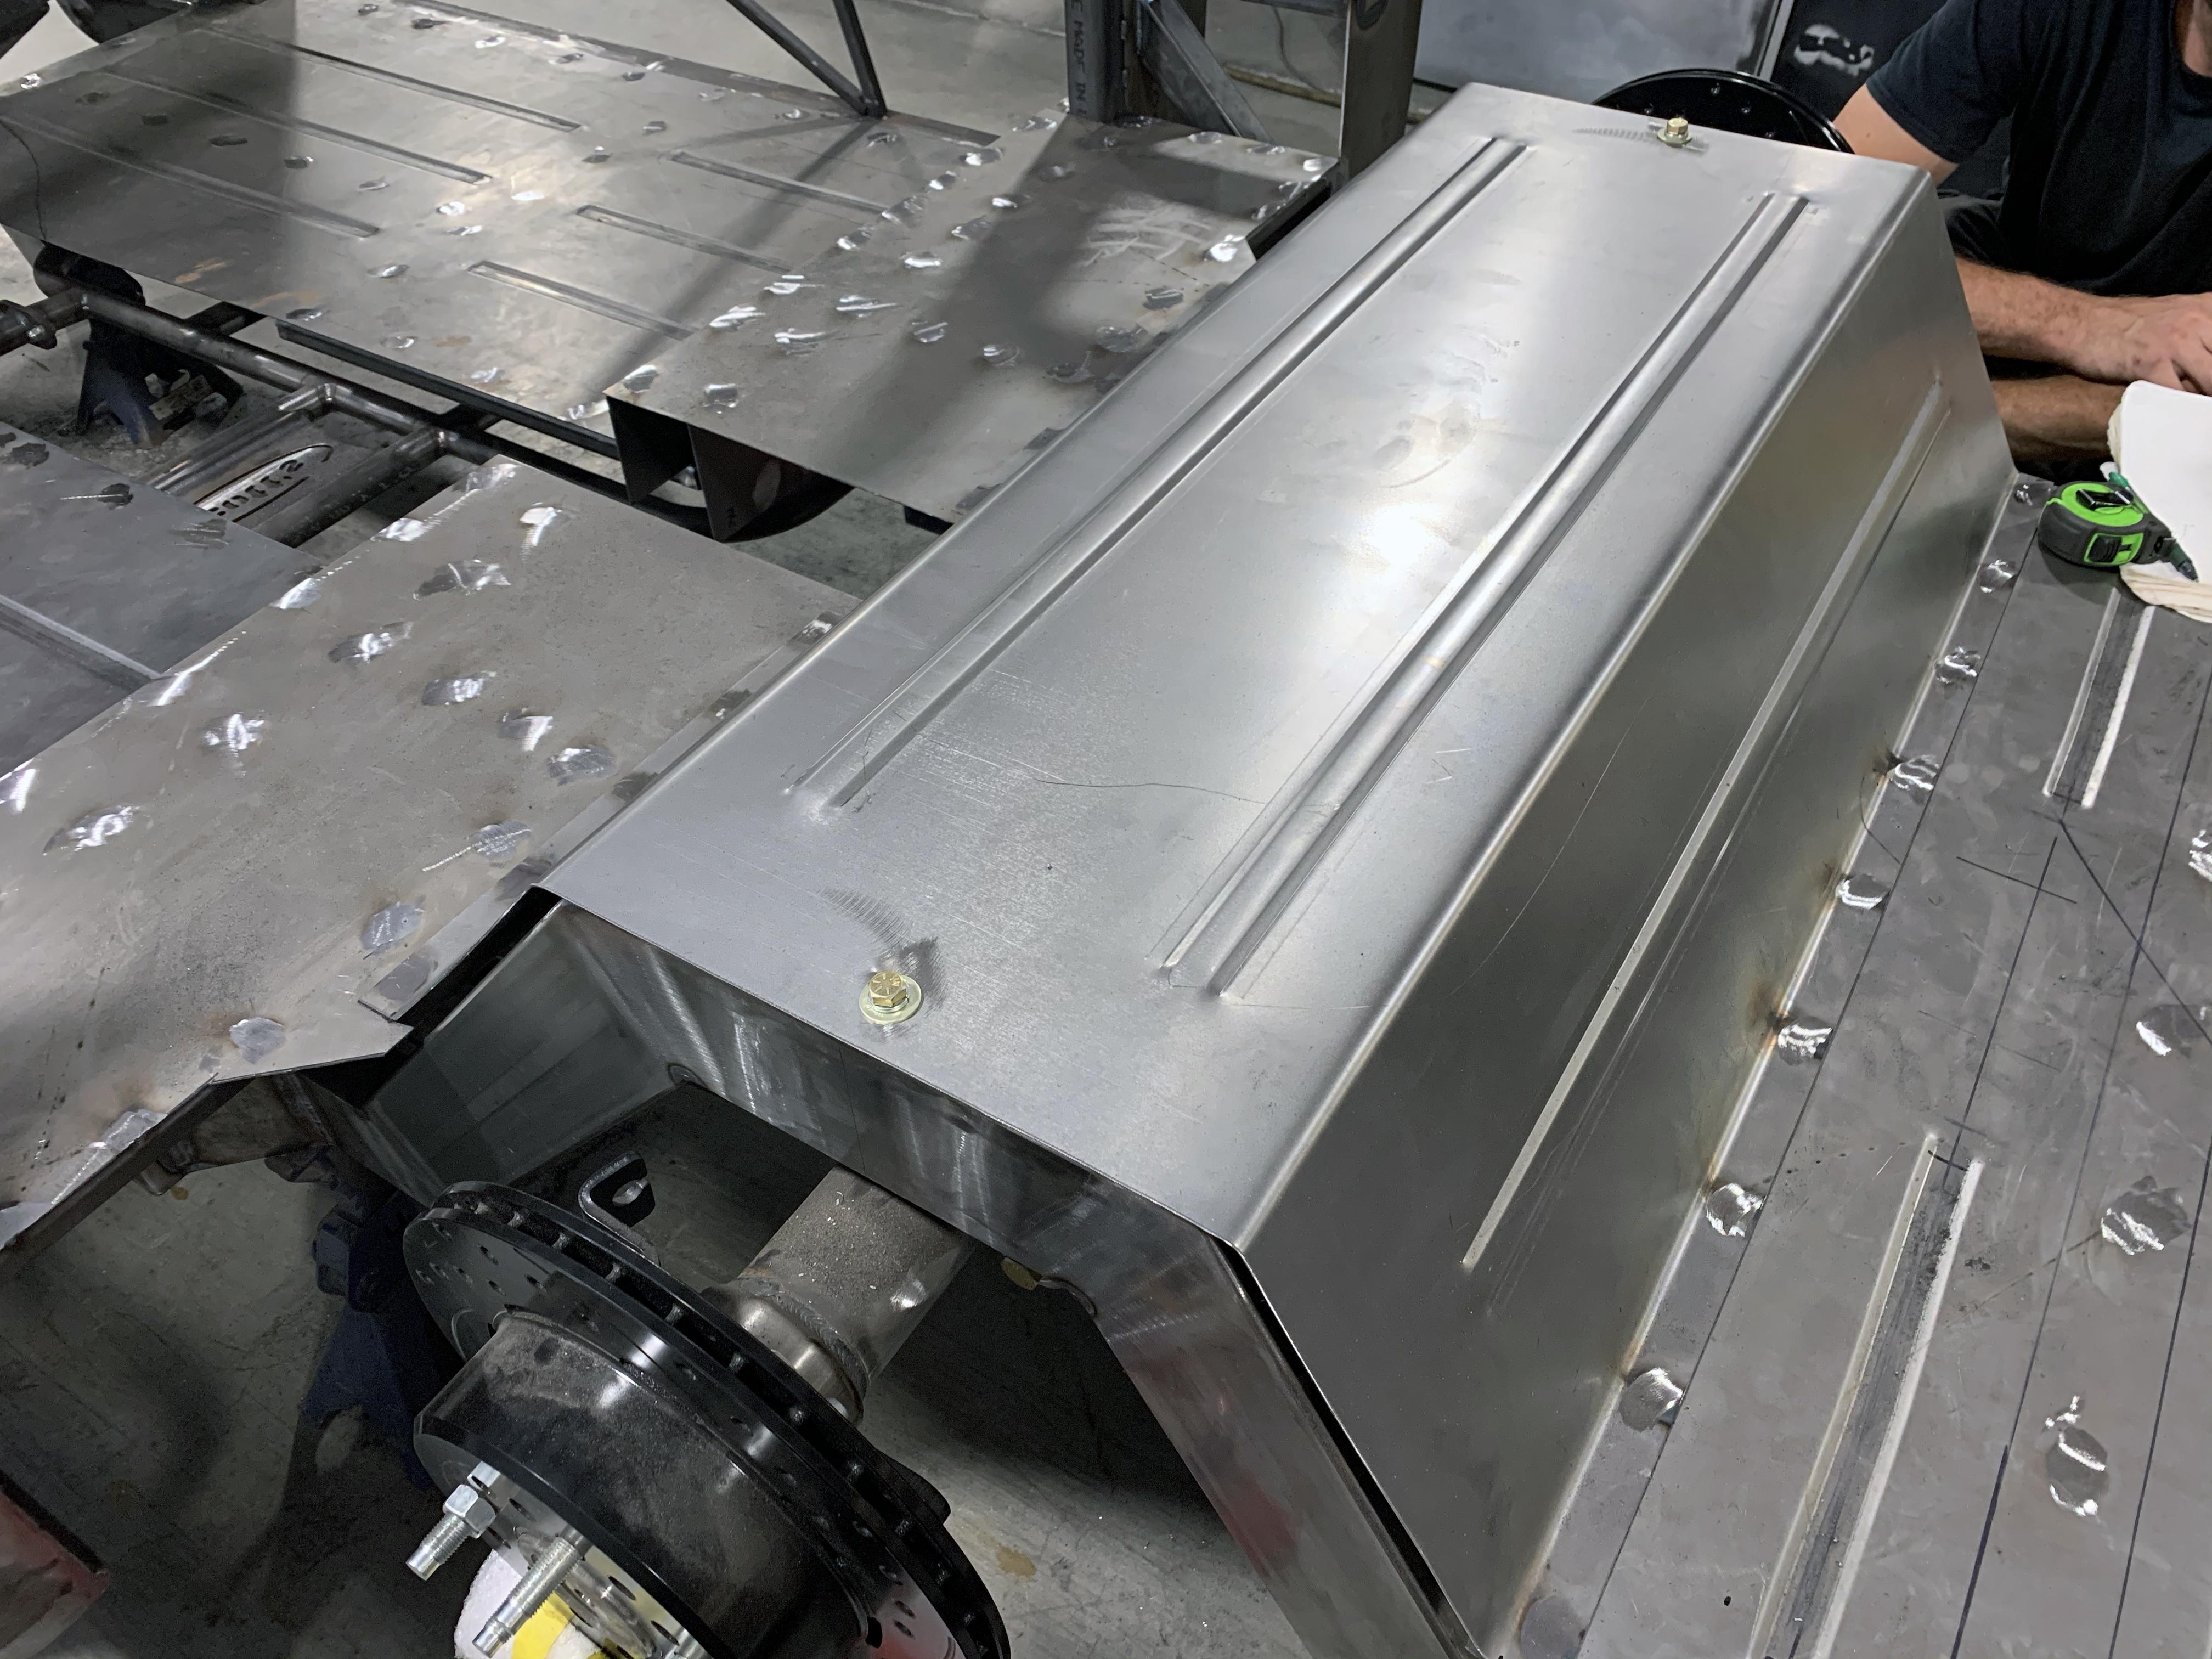 scotts-hotrods-51-merc-project-34